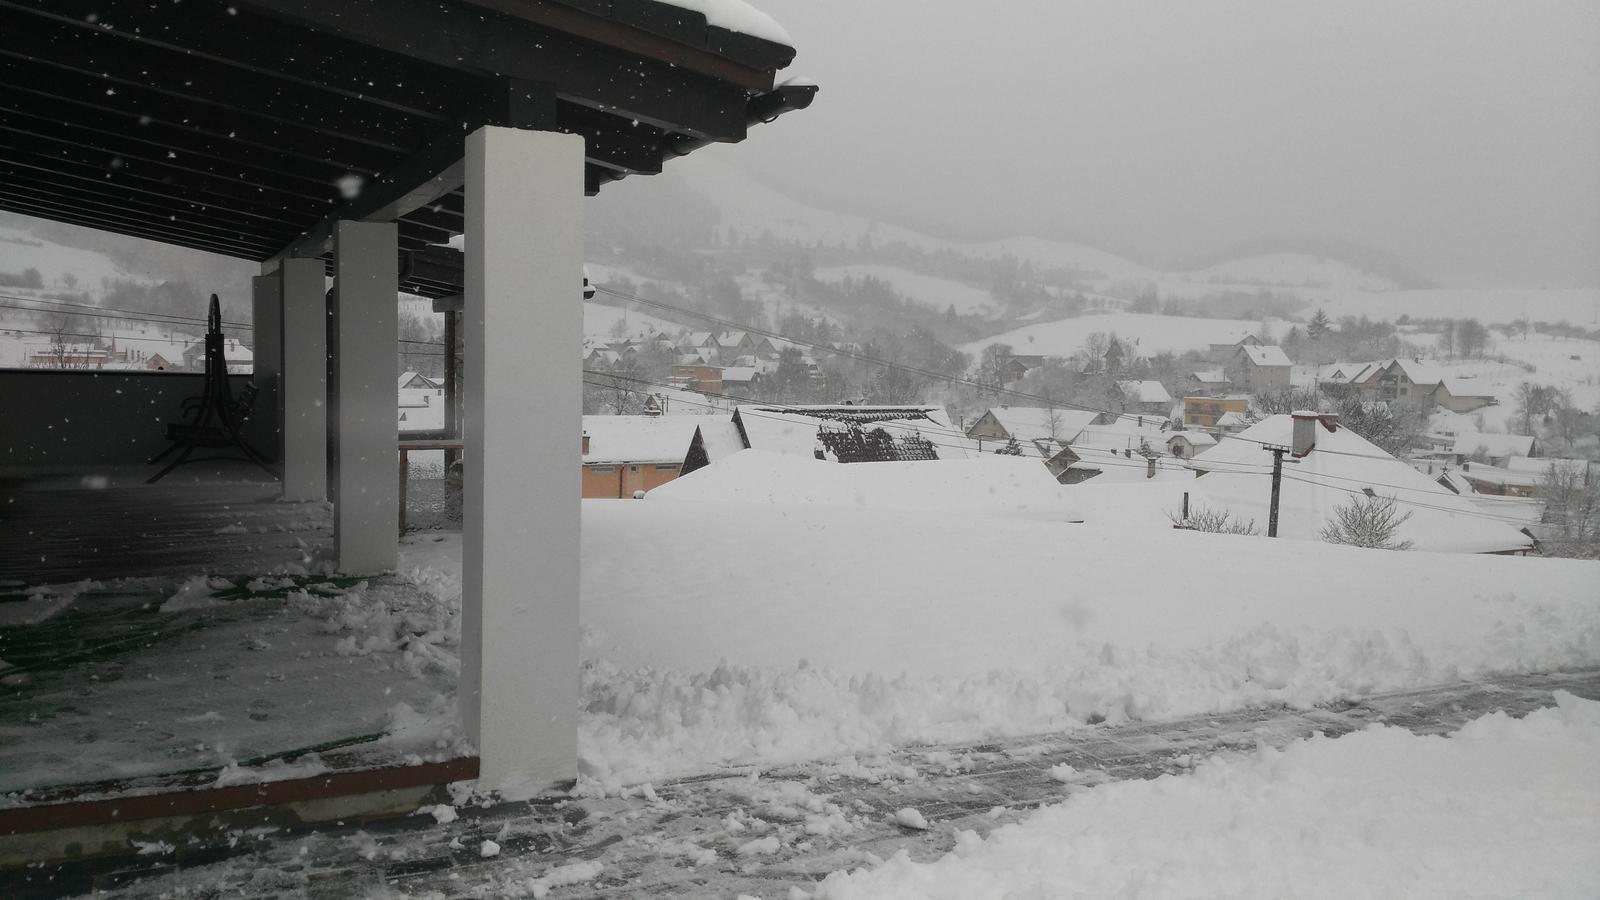 Domček na kopčeku - dufam že sniezik vydrzi do vianoc